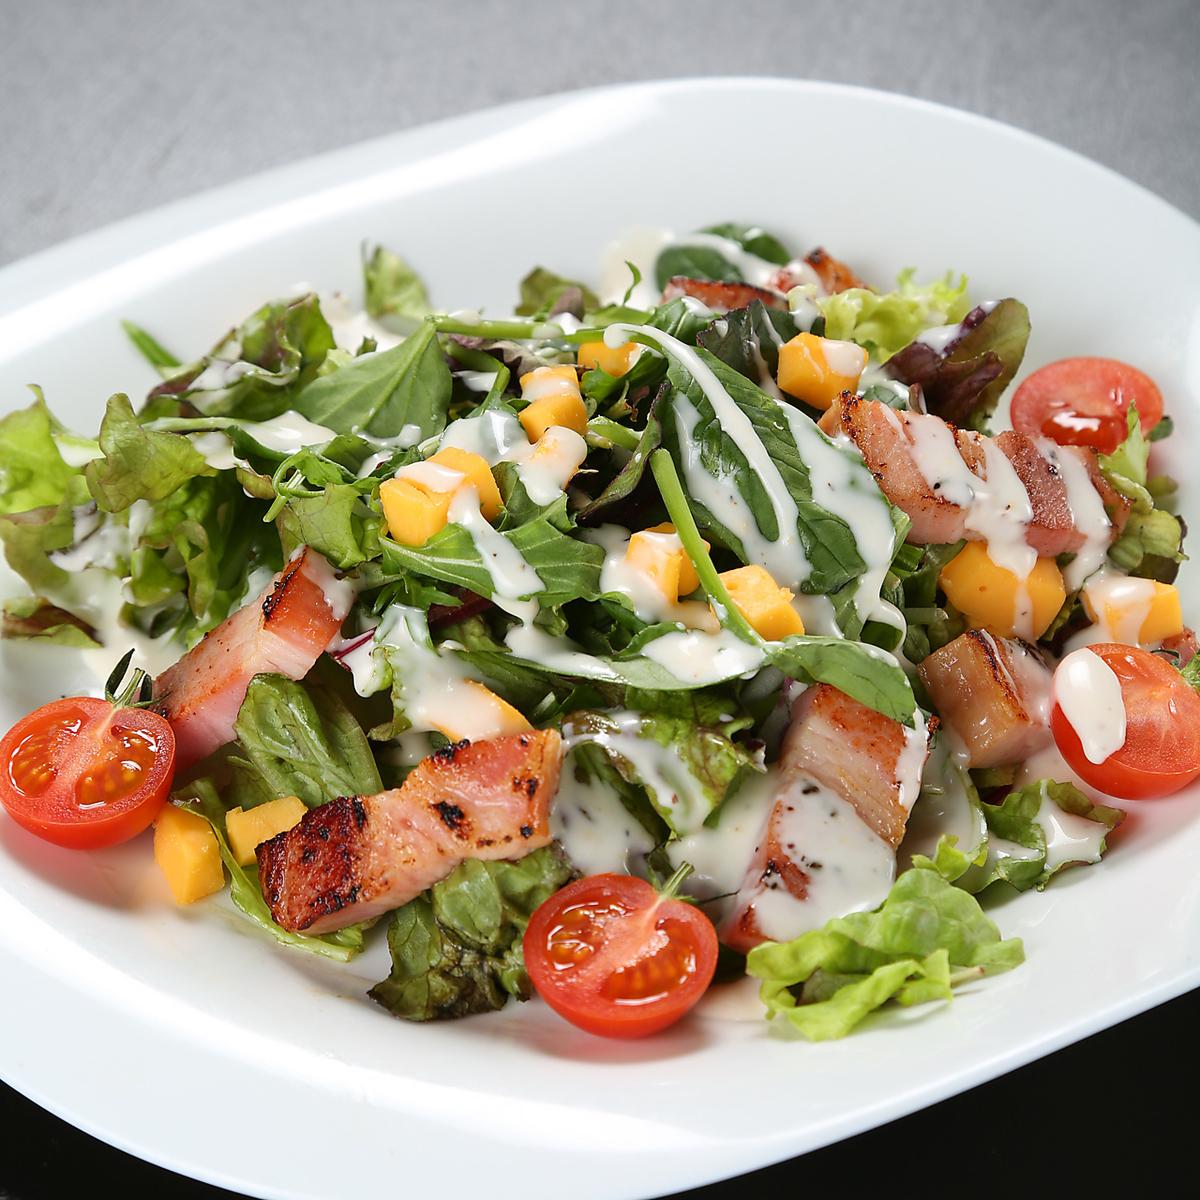 빨간색 흰색 특제 샐러드